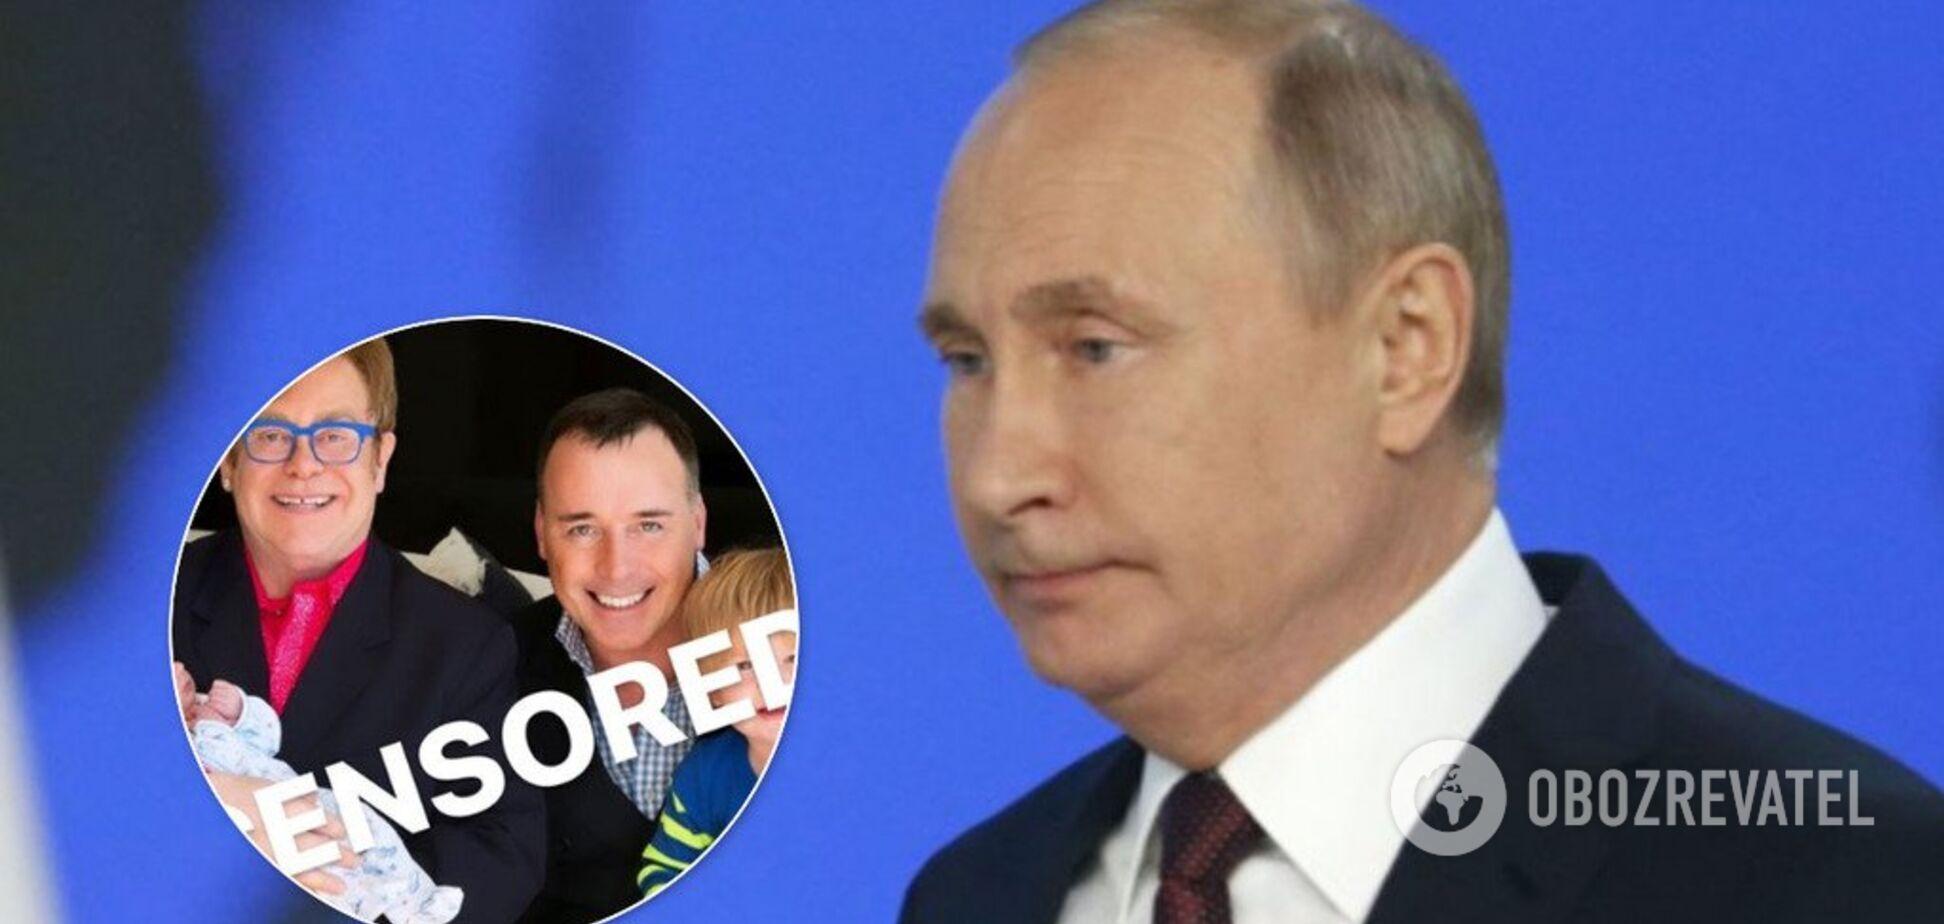 'Трансформери, трансгендери': Путін осоромився на G20 і розлютив Елтона Джона